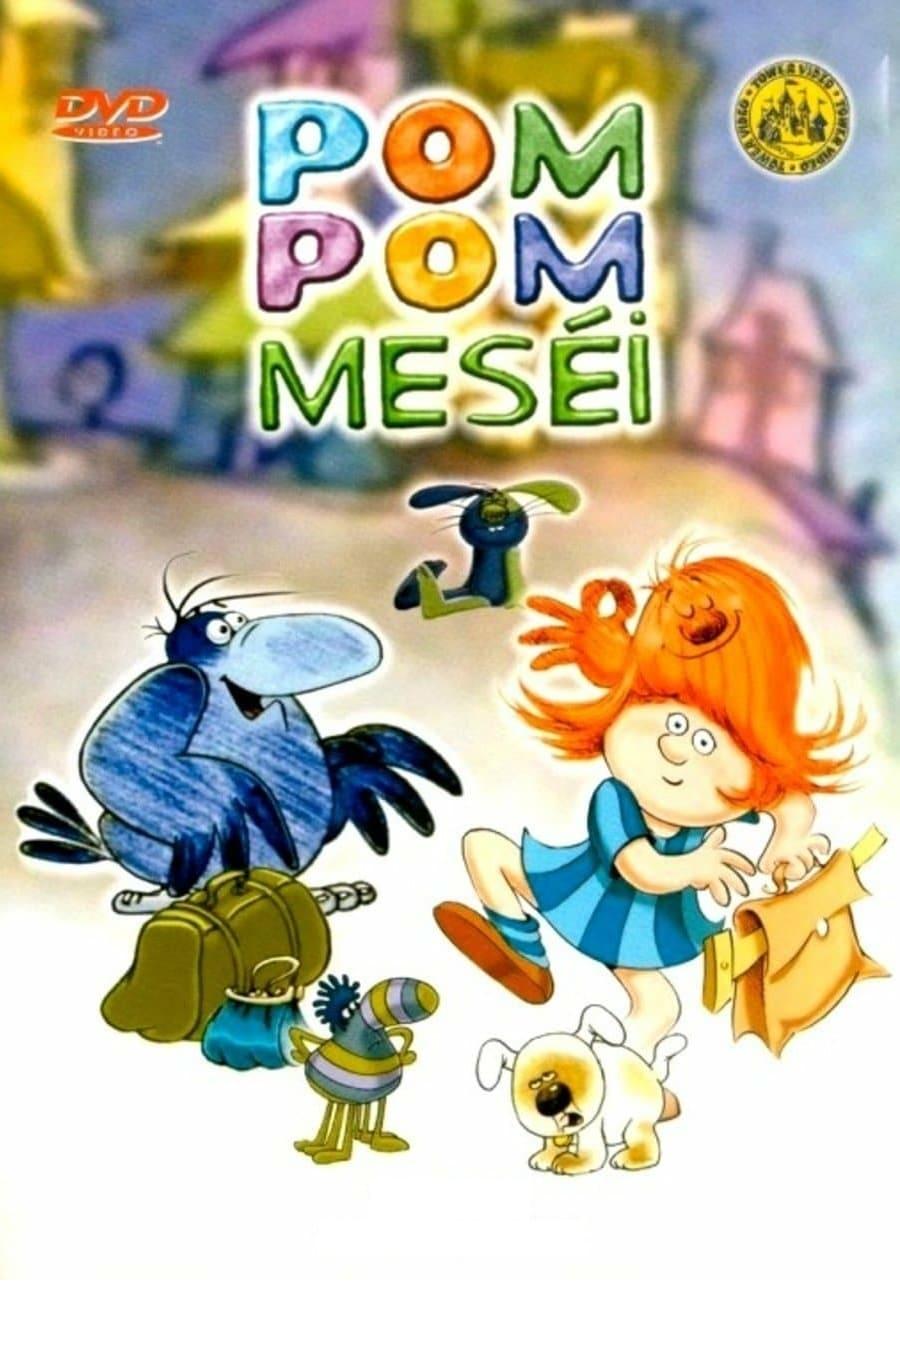 Pom-Pom meséi (1978)